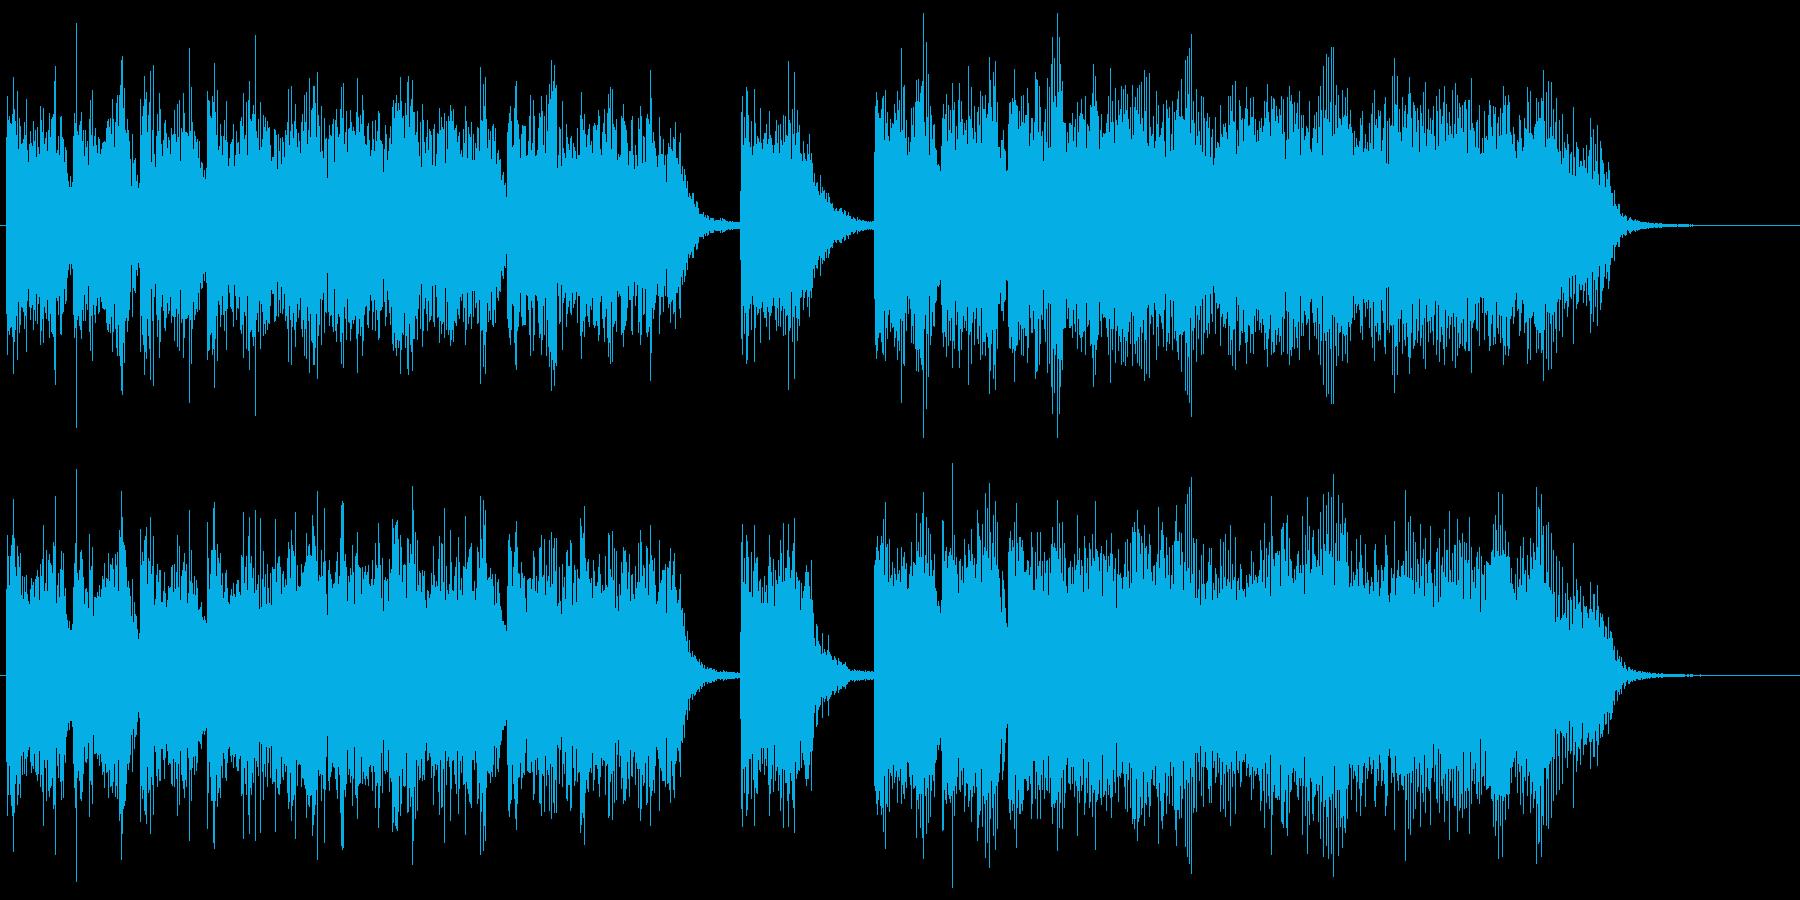 ピコピコとしたゲームのレベルアップ効果音の再生済みの波形